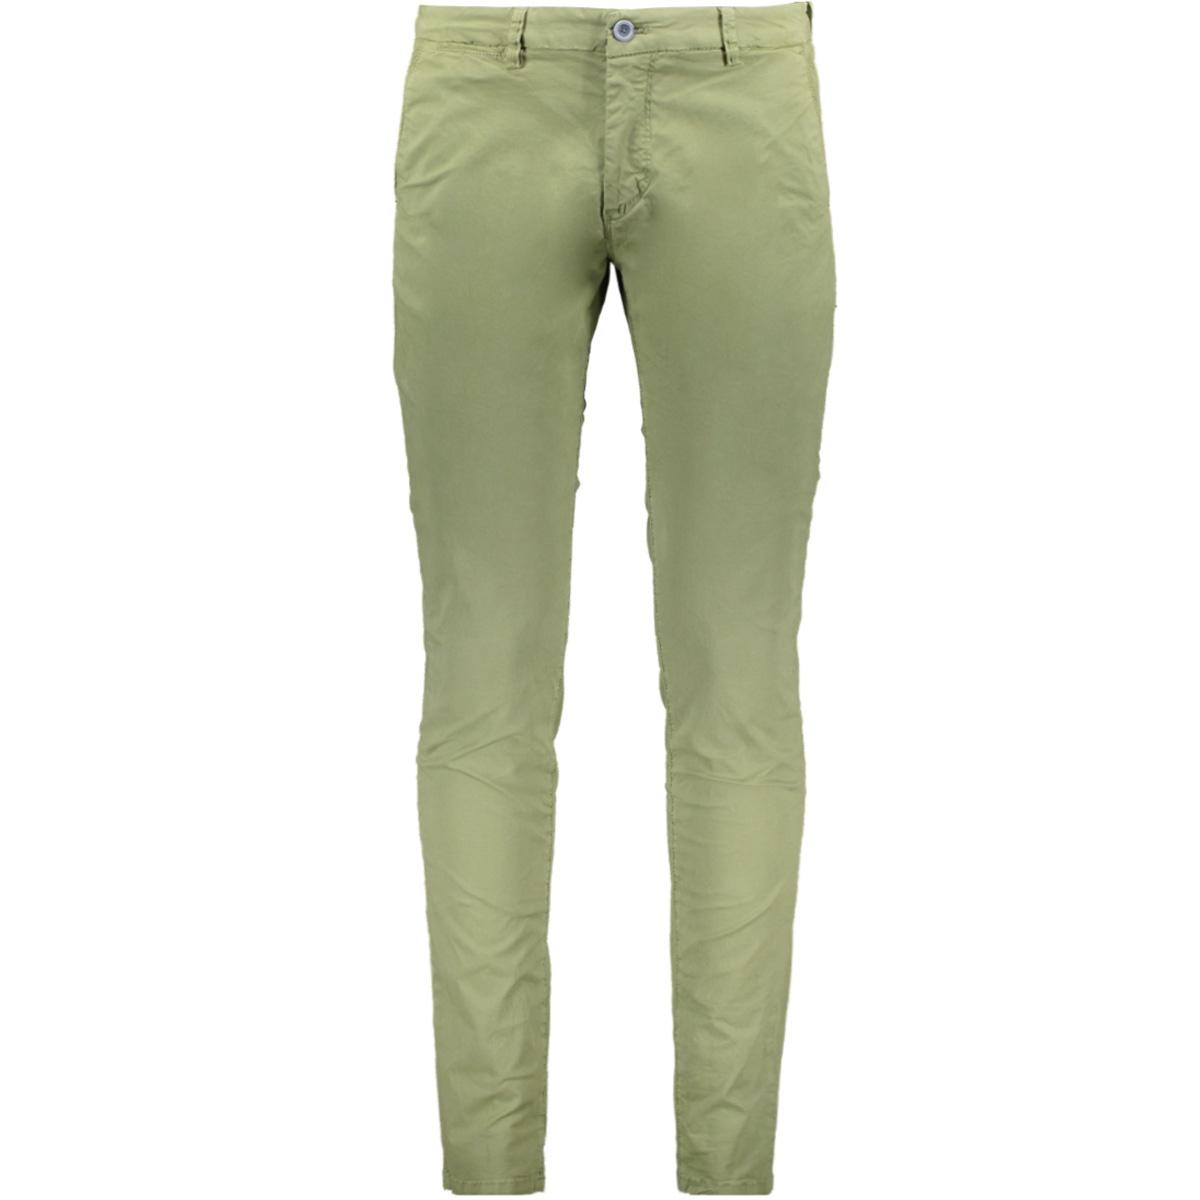 82584 gabbiano broek green